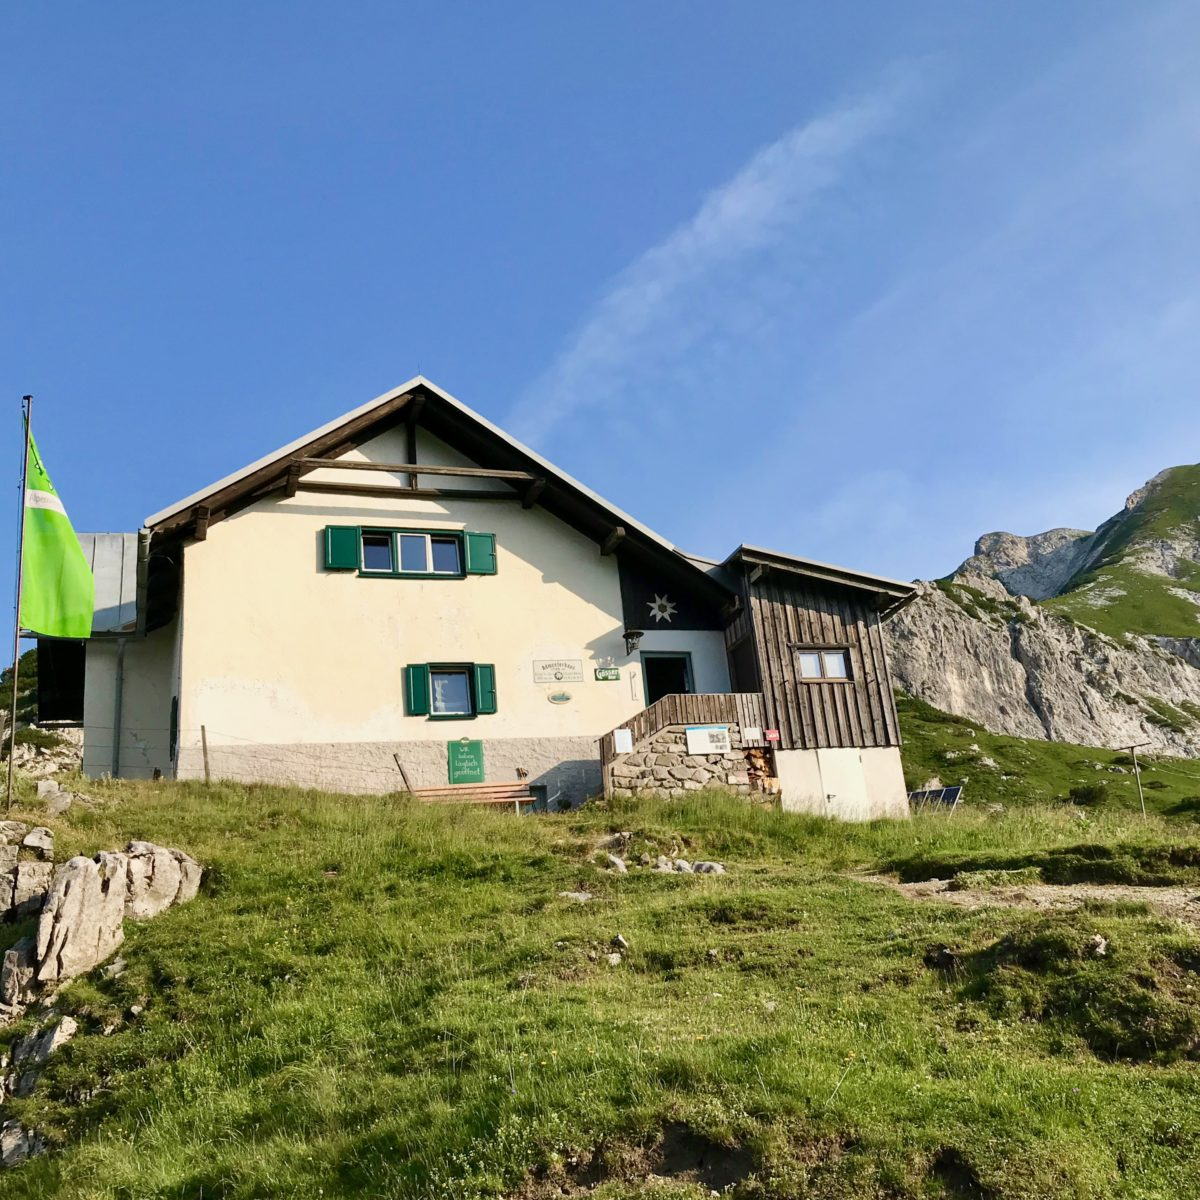 Das Admonter Haus - die höchste Hütte im Gesäuse